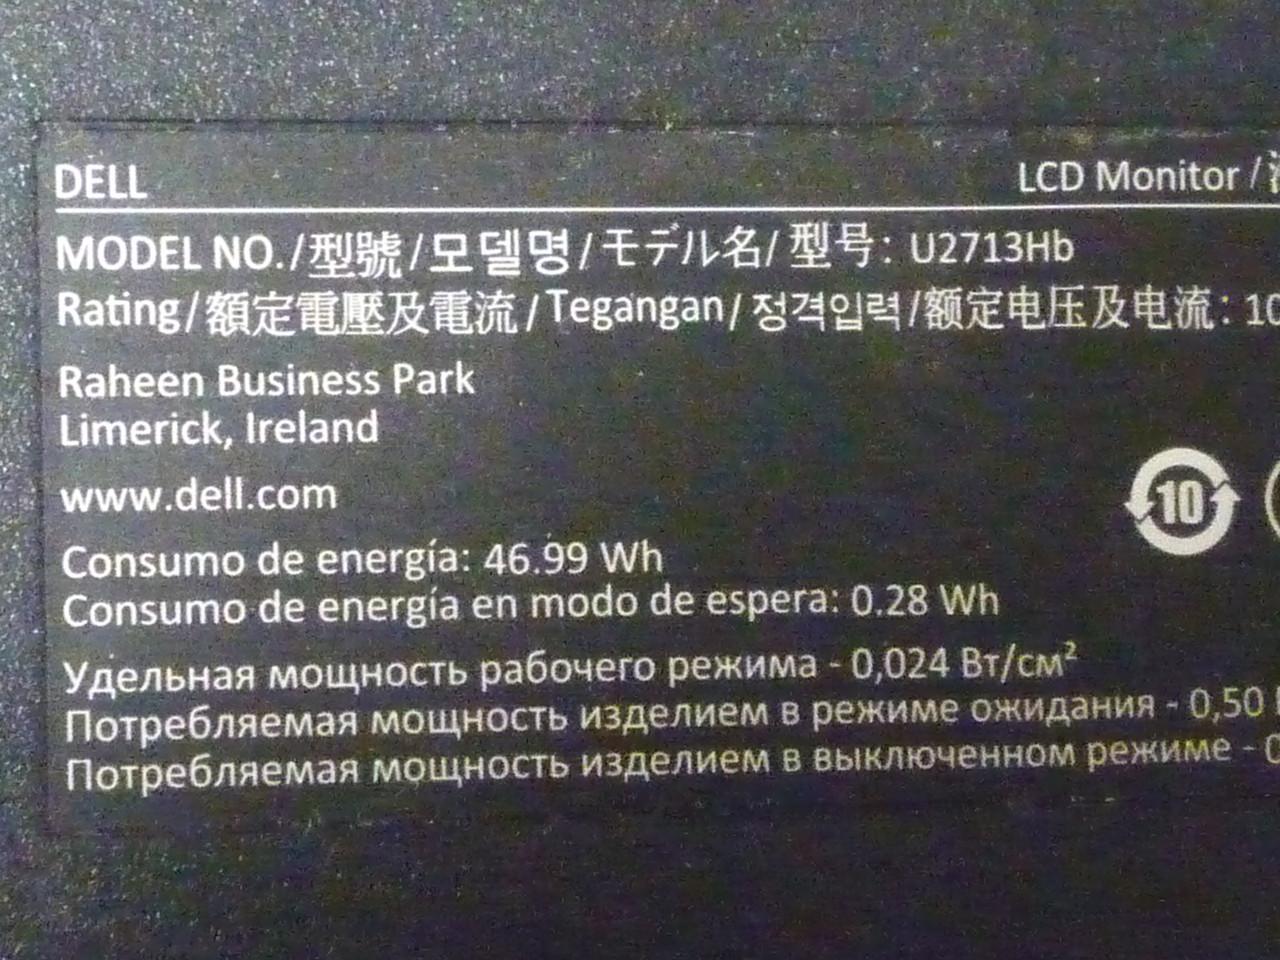 Плати від монітора DELL U2713Hb поблочно, в комплекті (неробоча підсвічування матриці).